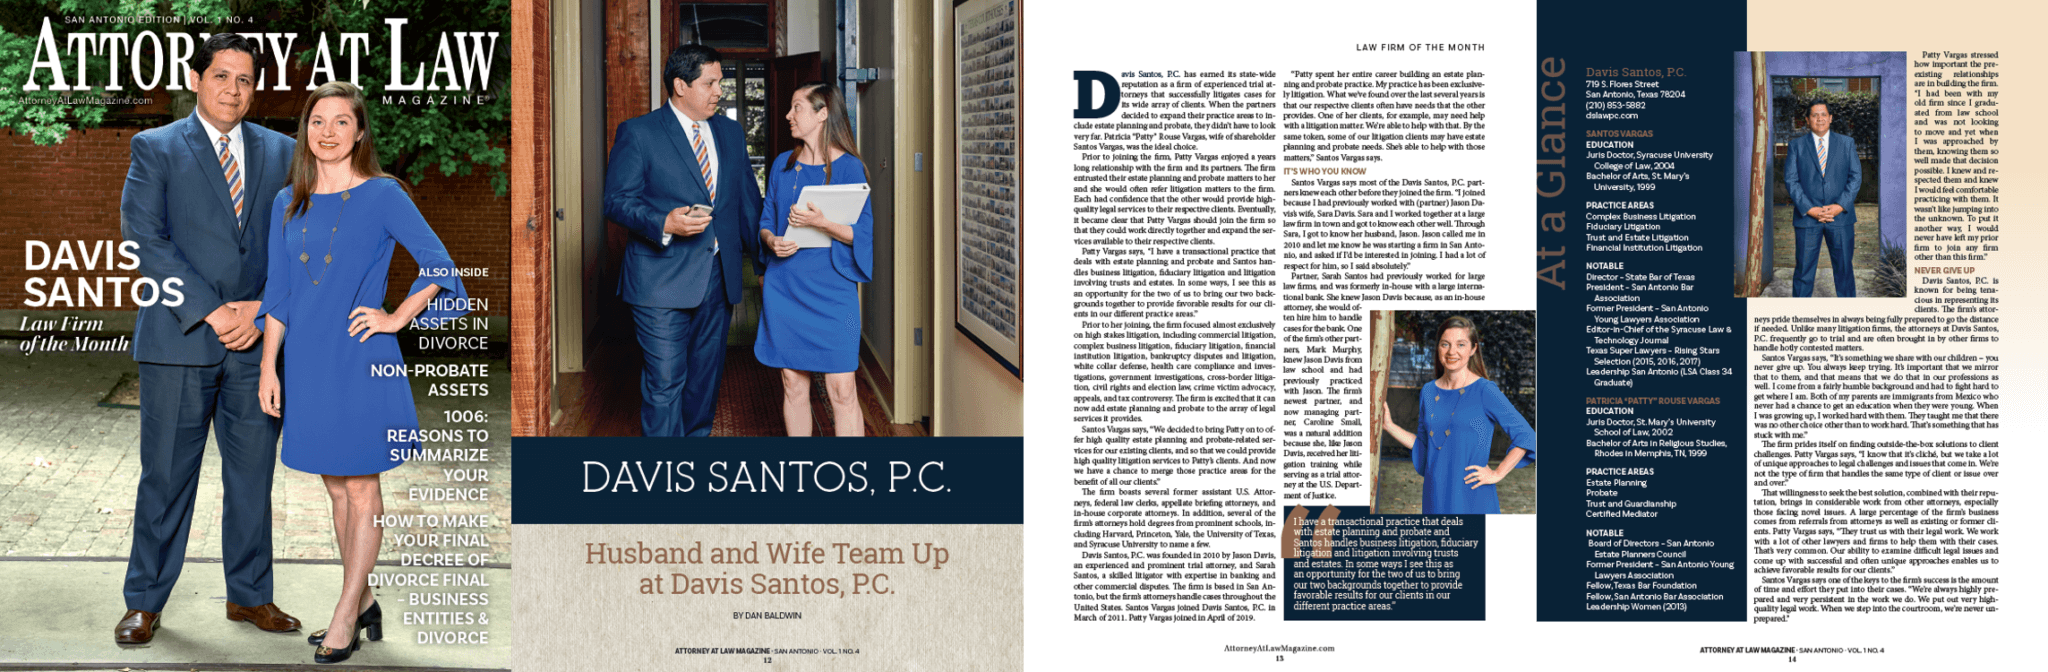 Davis Santos, P.C.